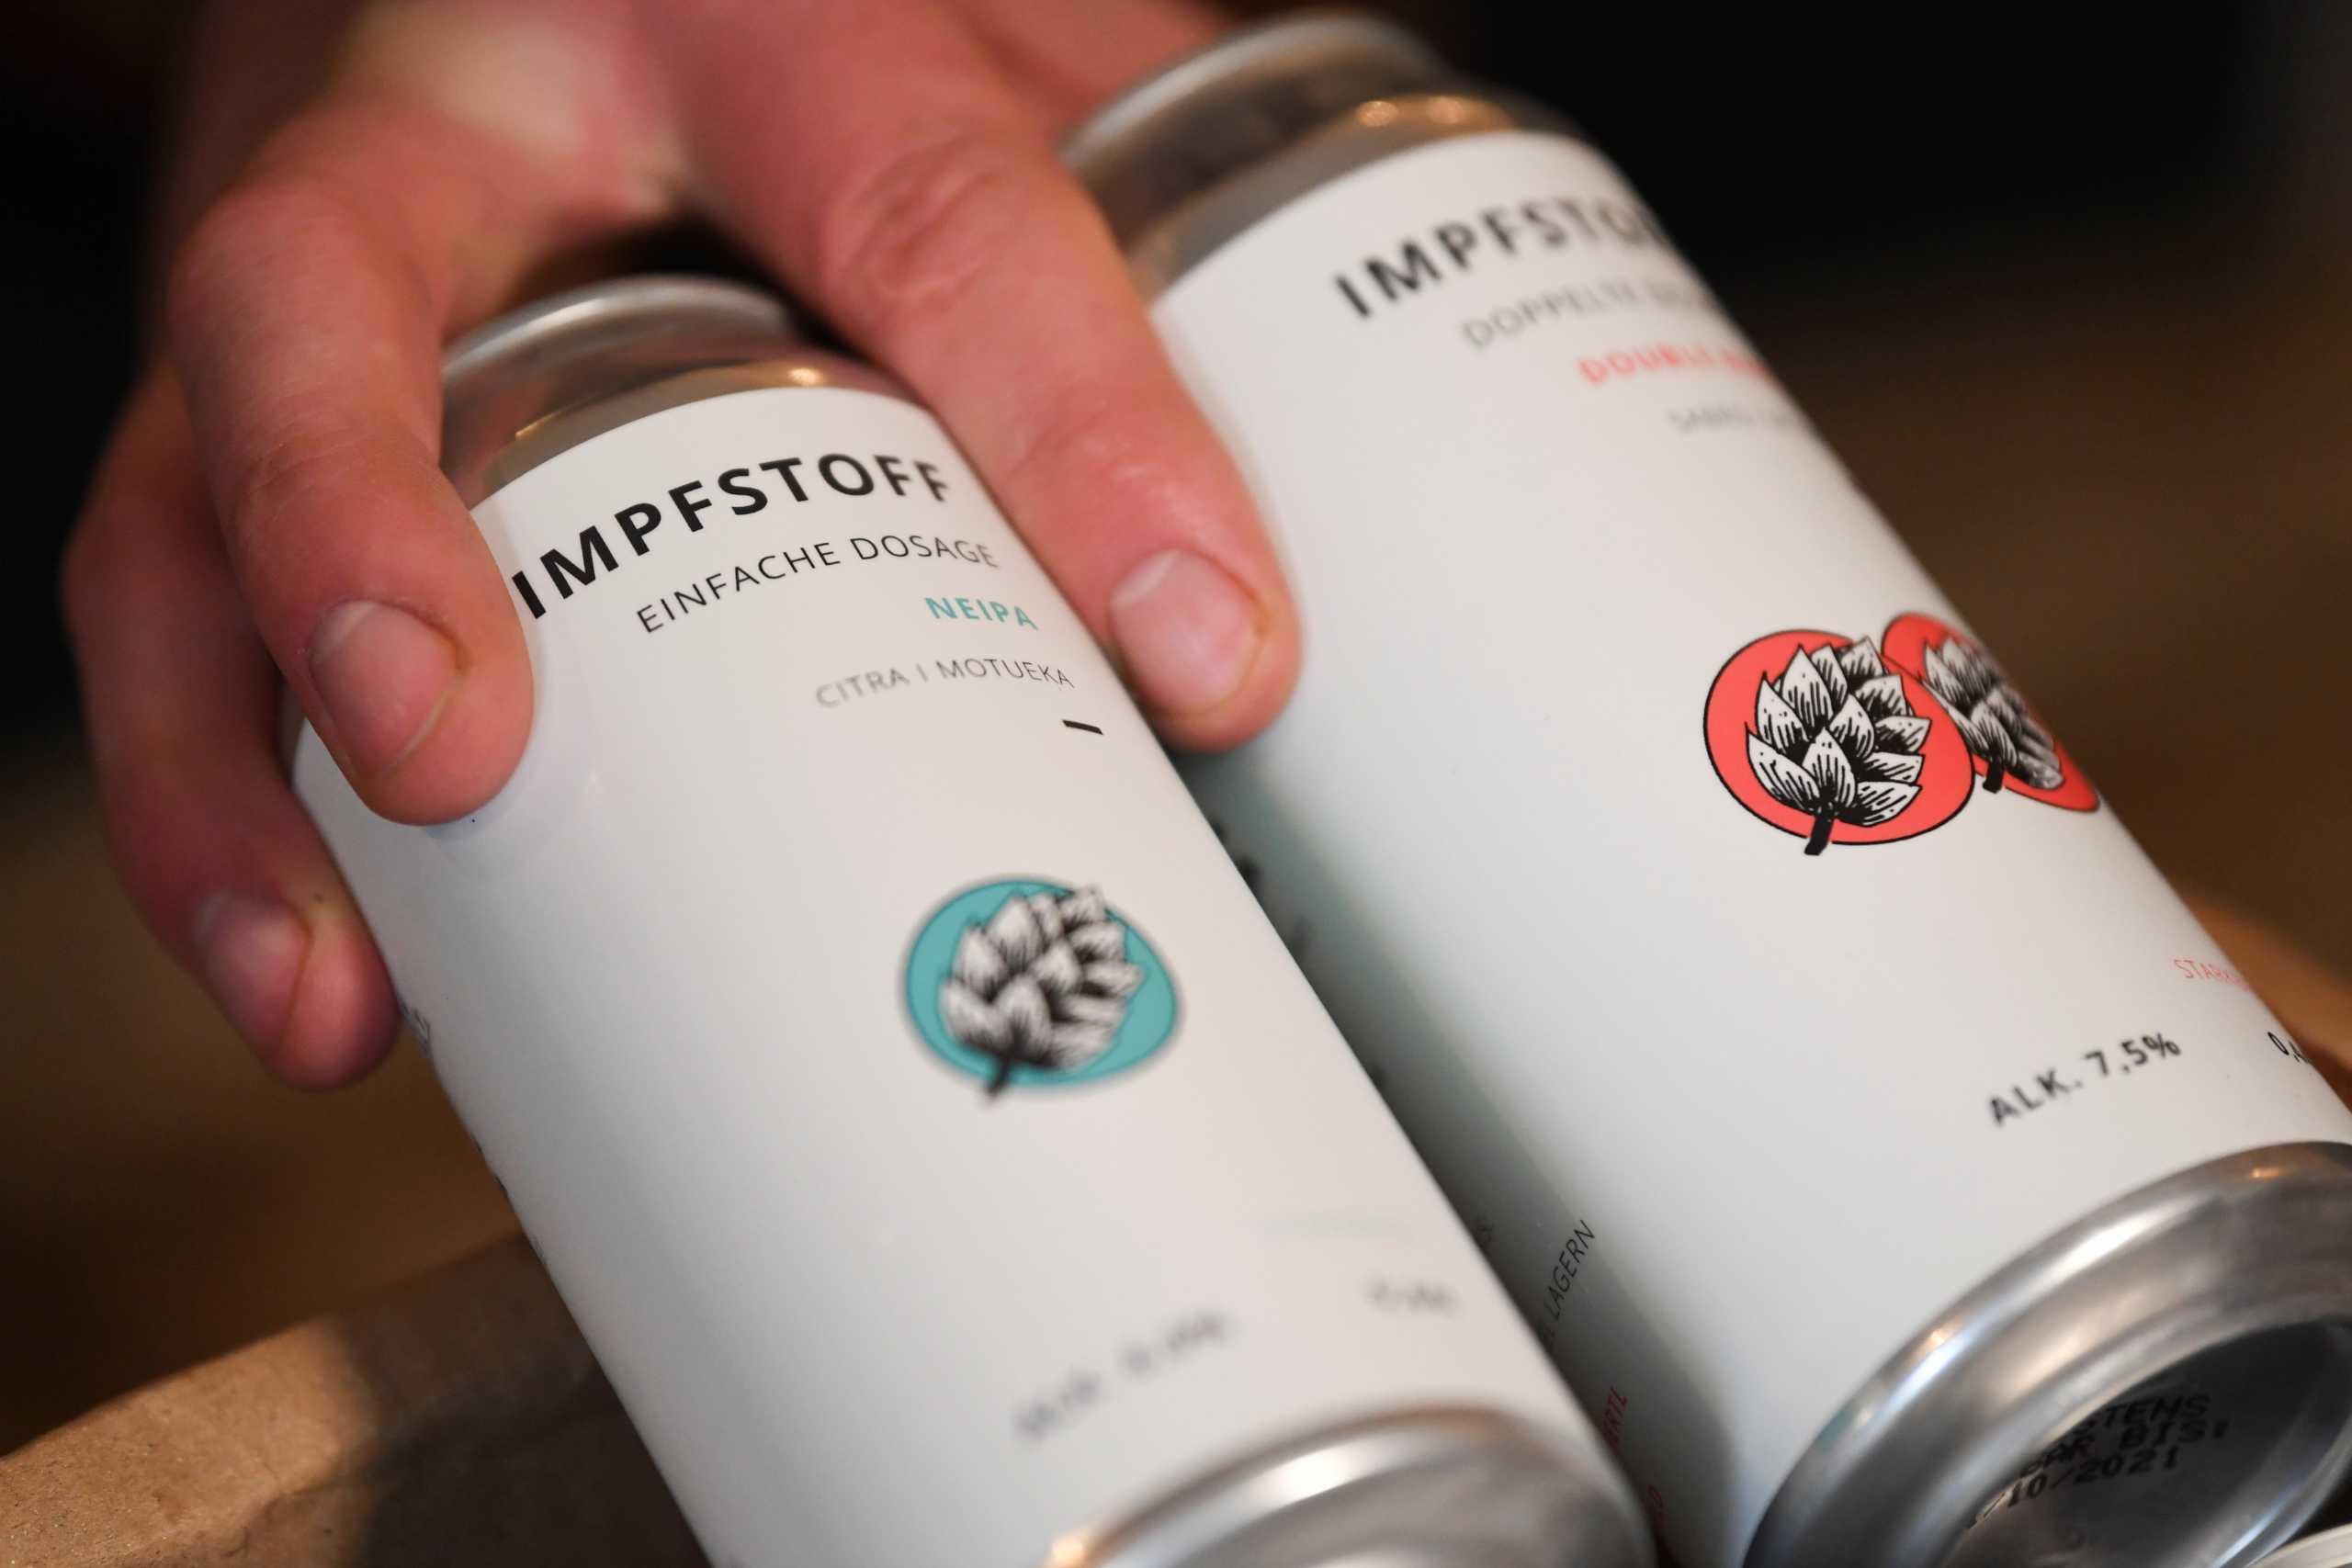 Η μπύρα «εμβόλιο» κατά του κορονοϊού και άλλες ιστορίες